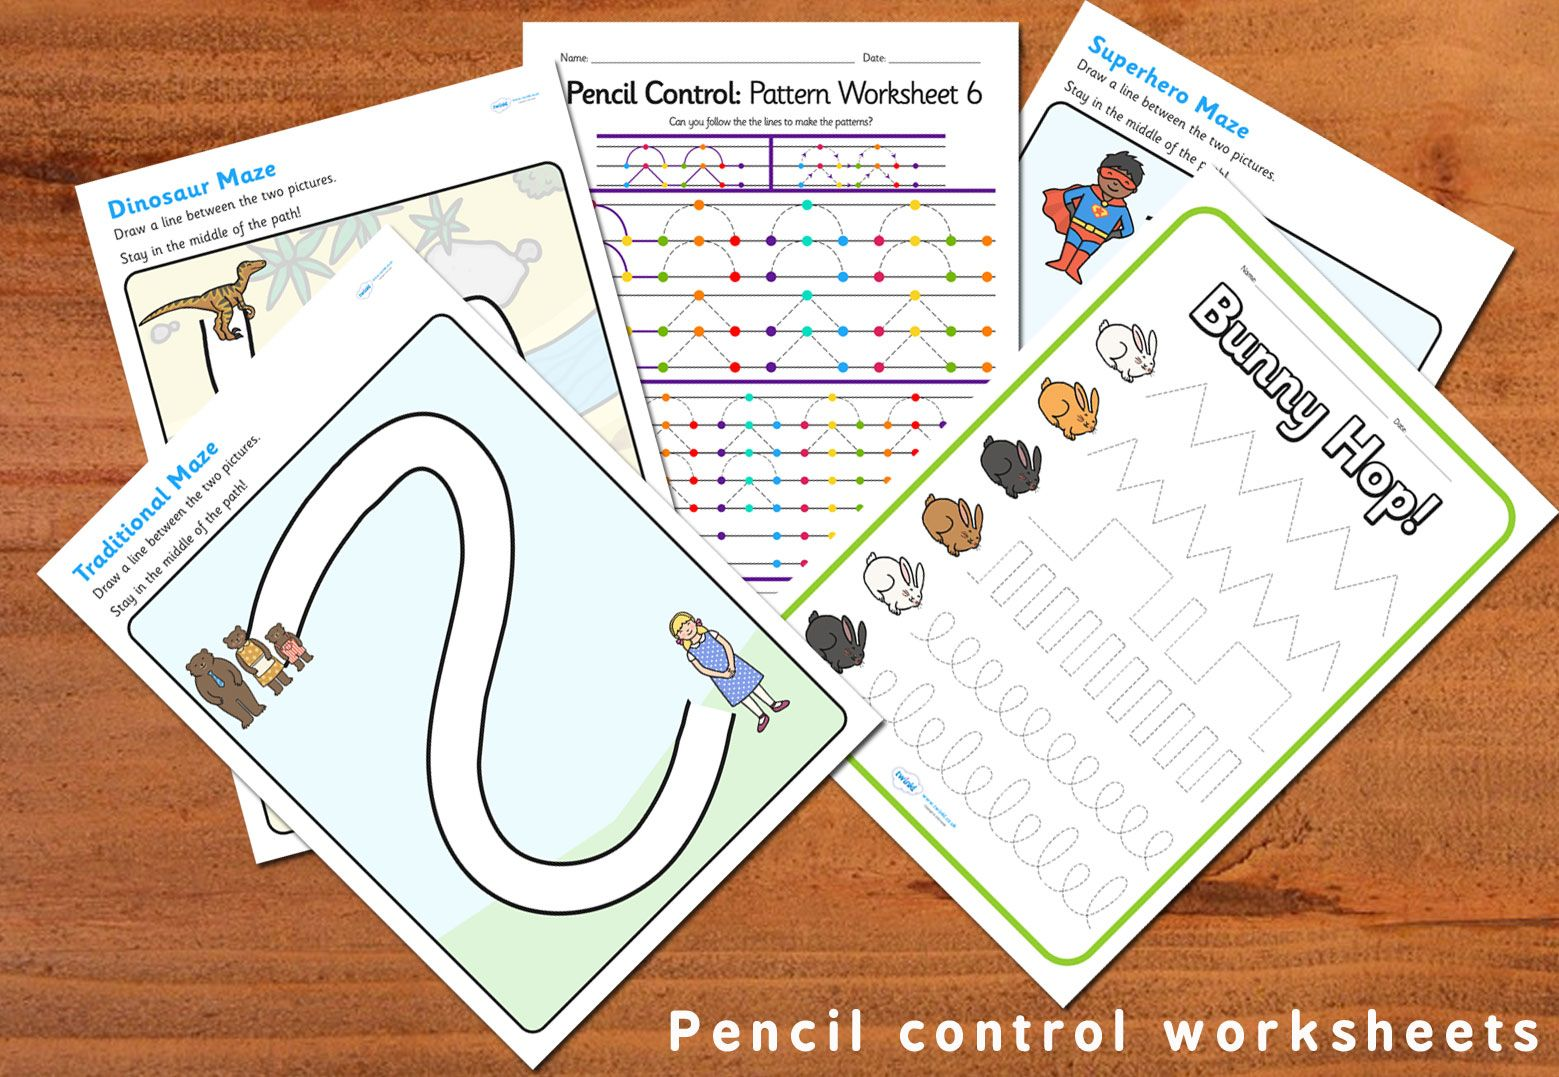 Pencil Control Worksheets